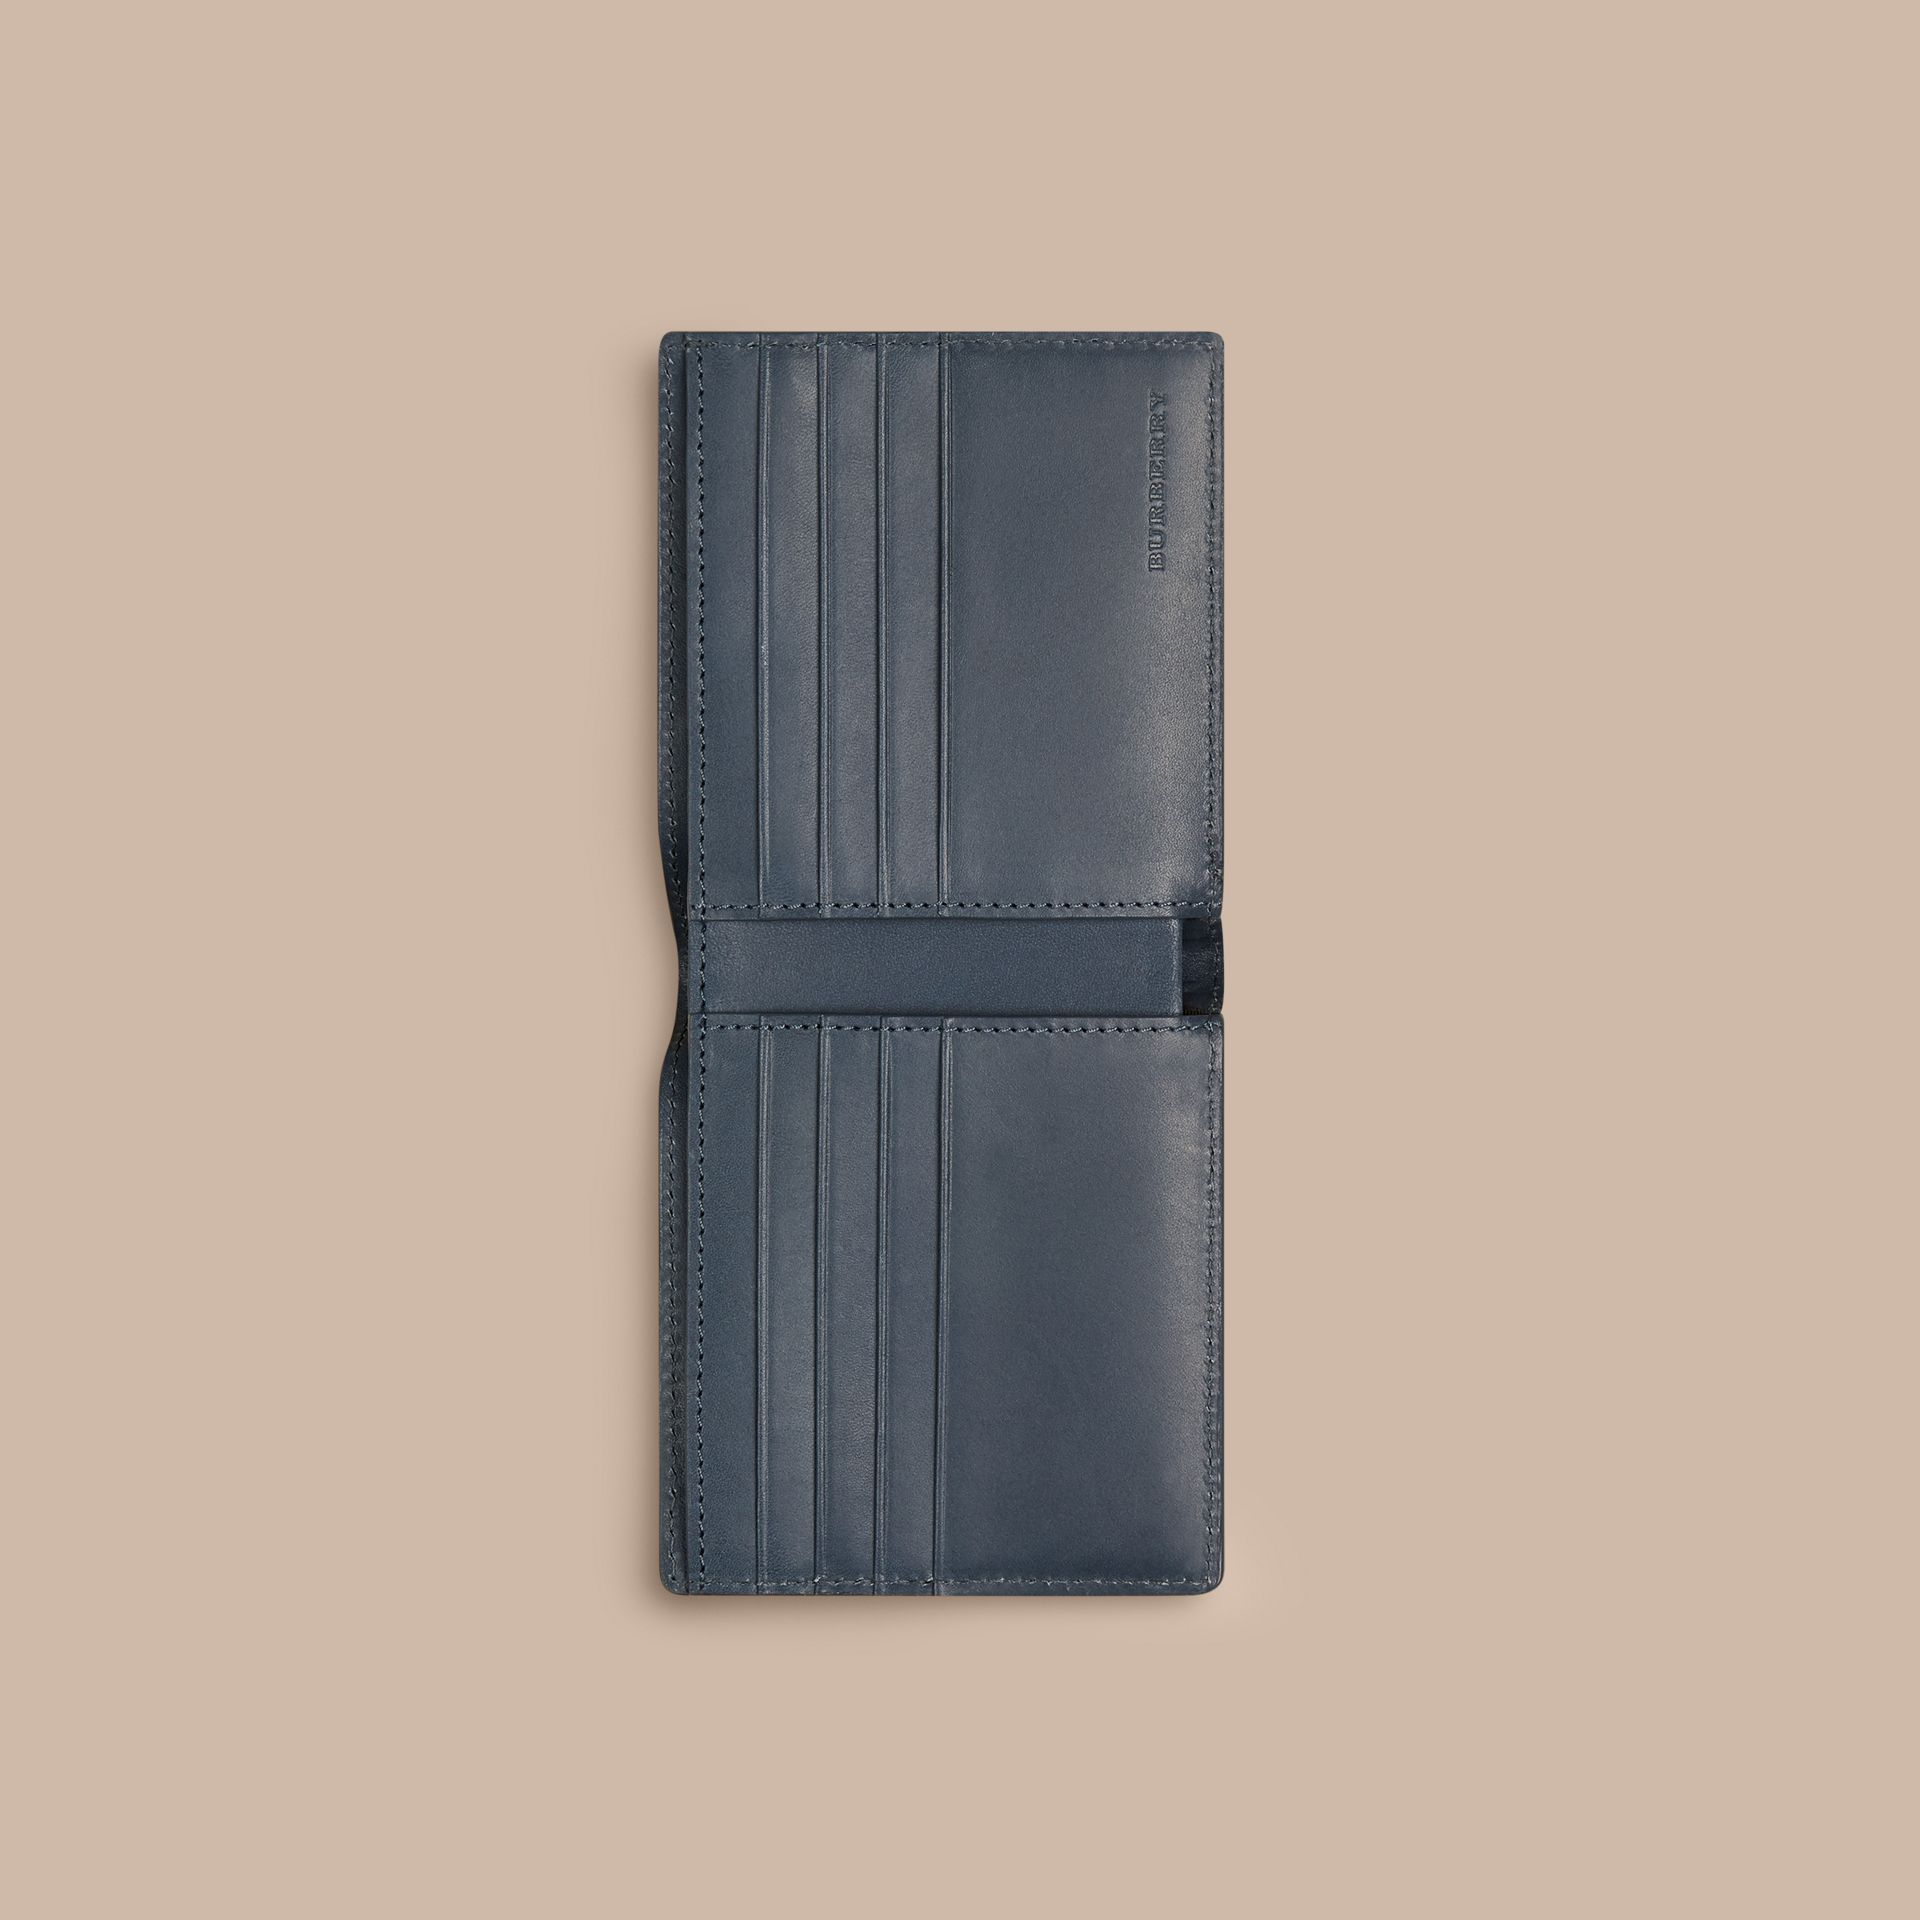 Blu acciaio Portafoglio a libro in pelle con motivo check in rilievo Blu Acciaio - immagine della galleria 4